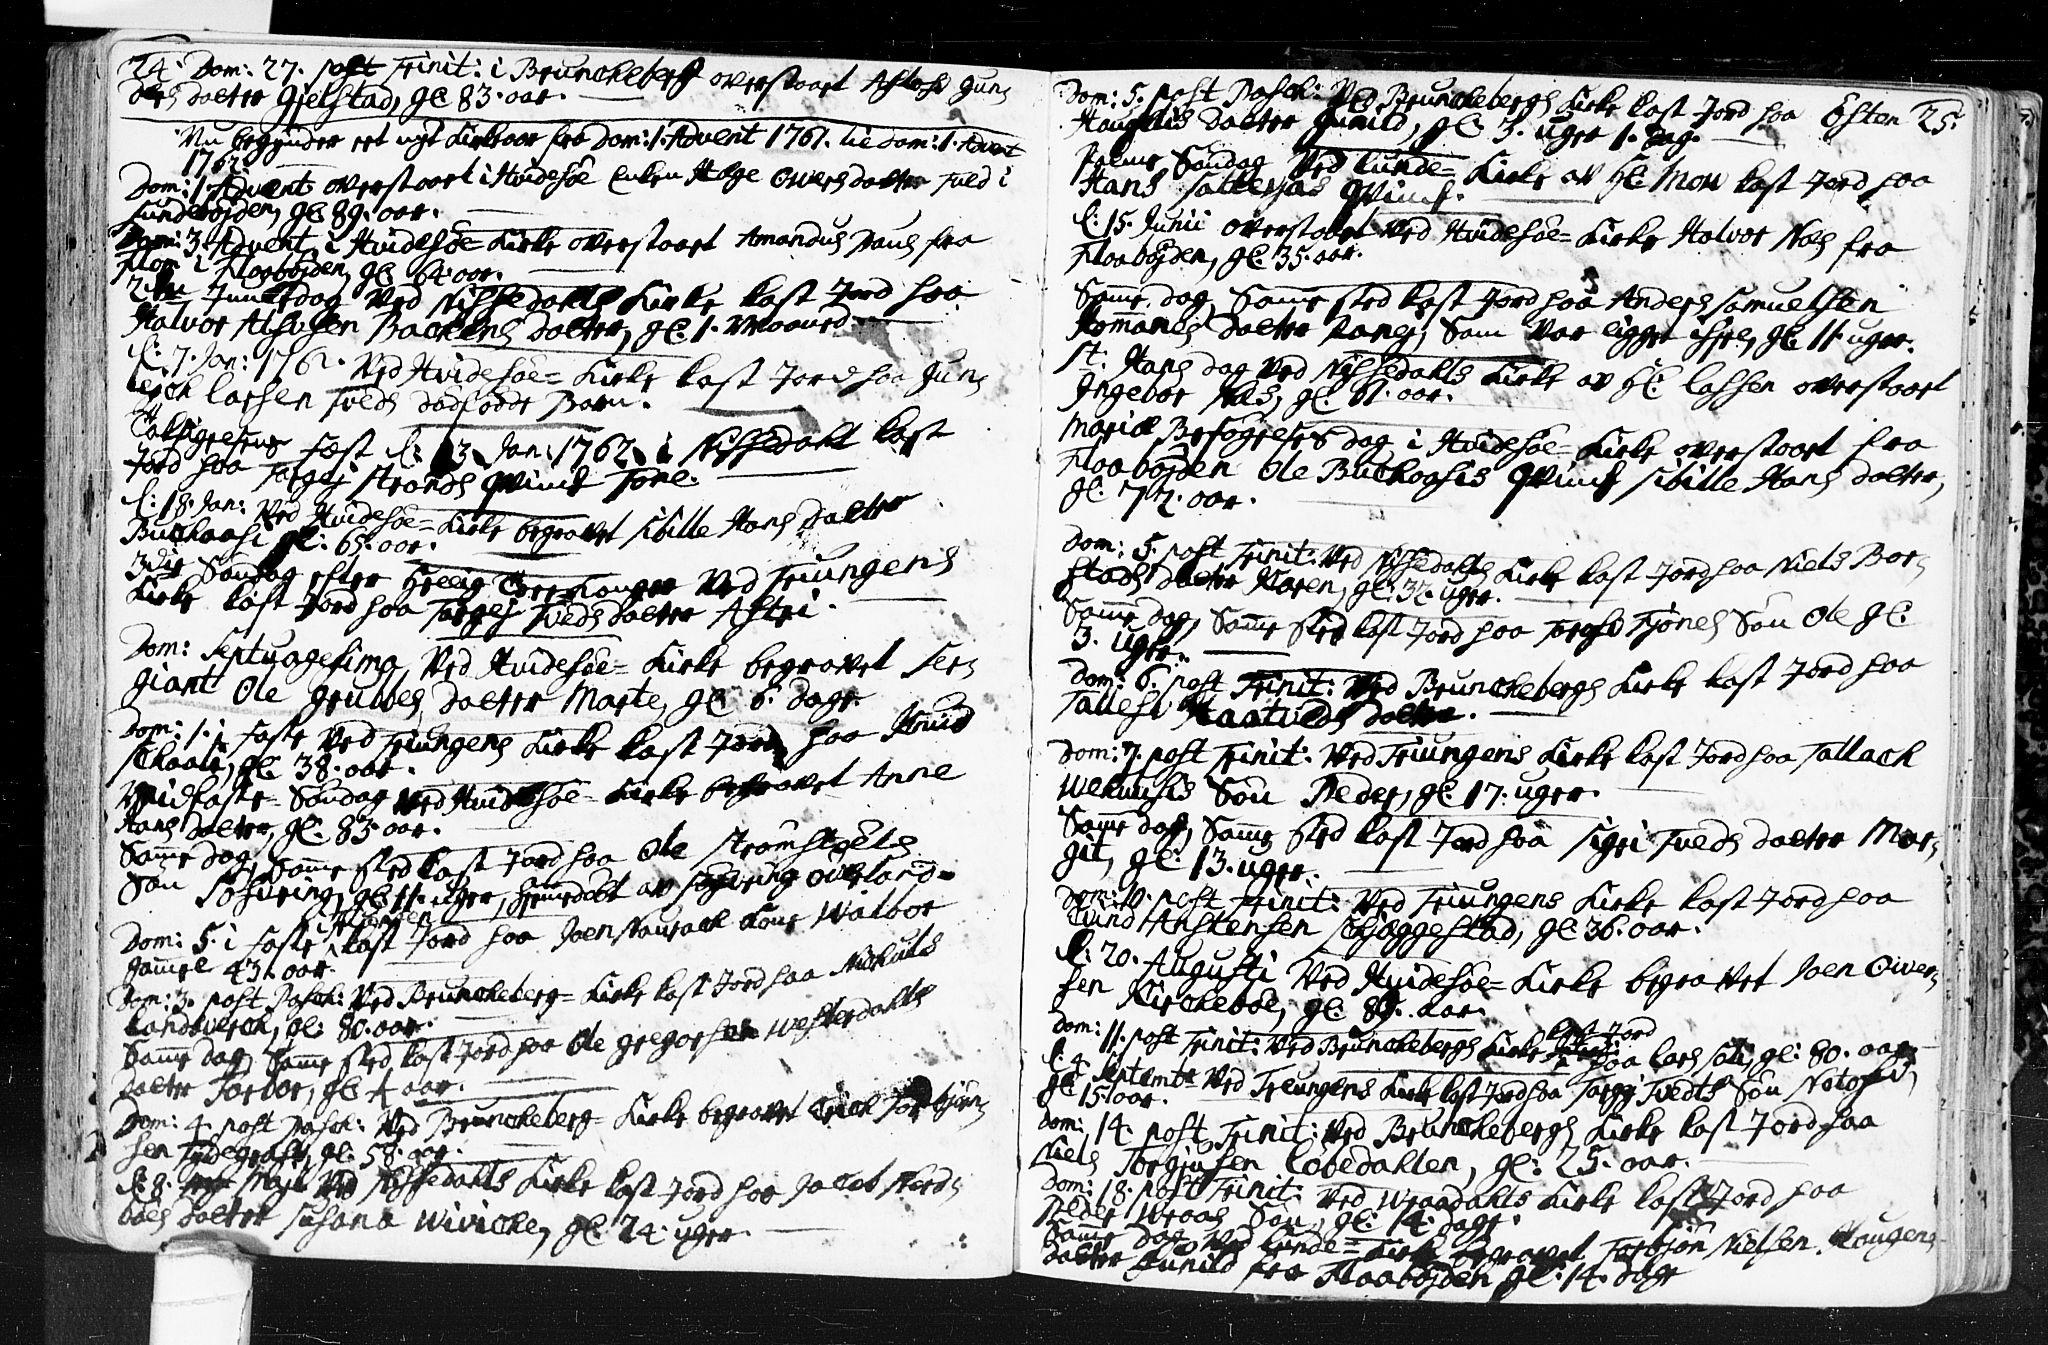 SAKO, Kviteseid kirkebøker, F/Fa/L0001: Ministerialbok nr. I 1, 1754-1773, s. 24-25